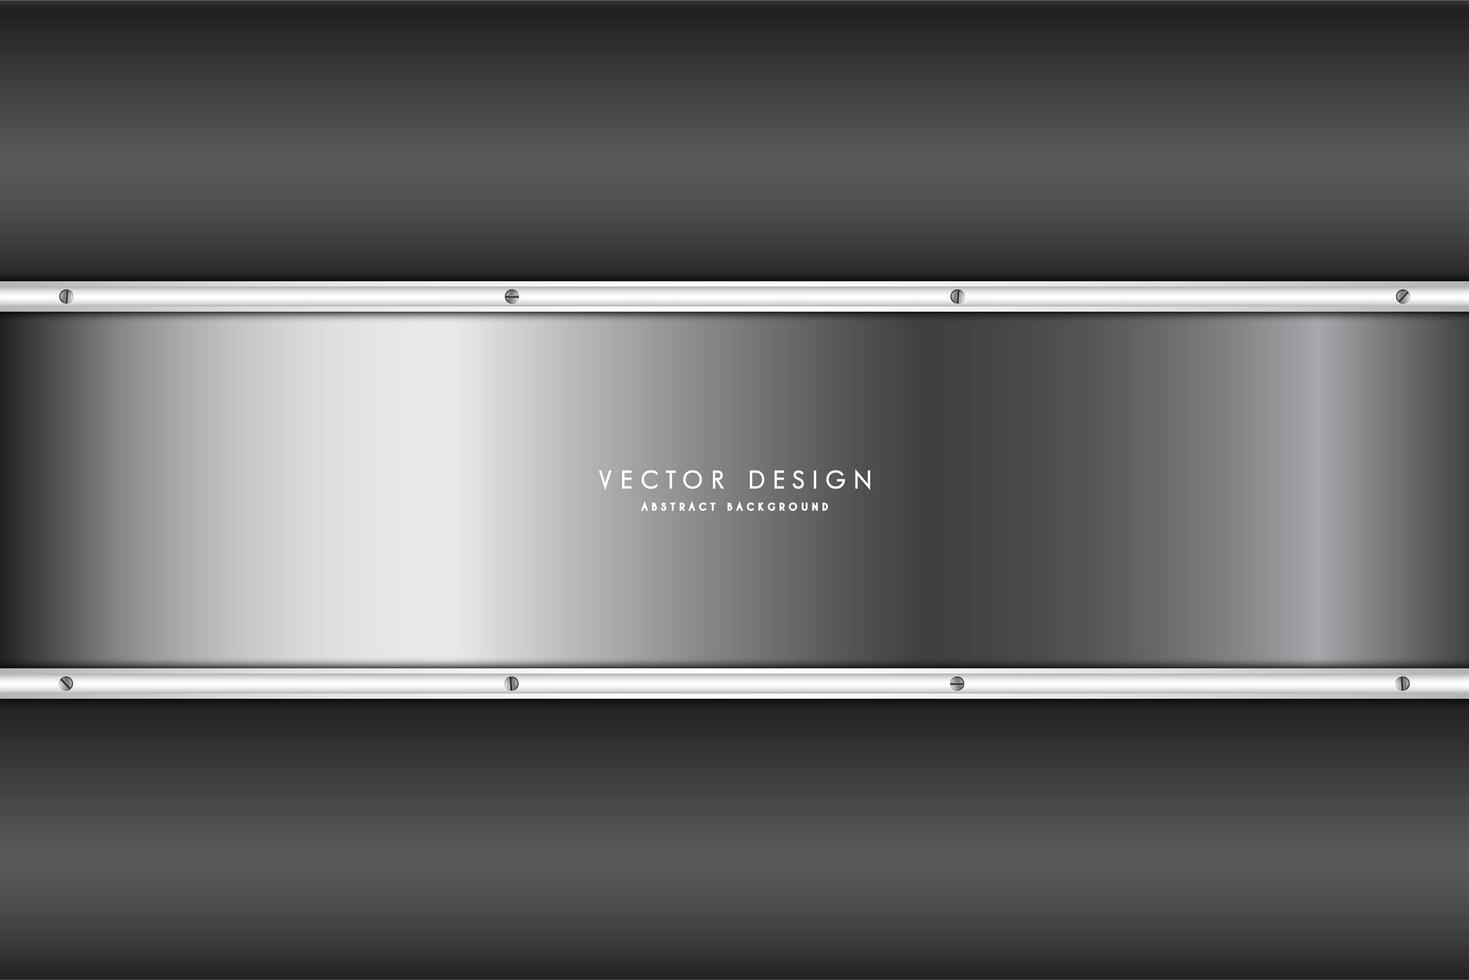 Metallic silver gradient panel over dark gray gradient vector